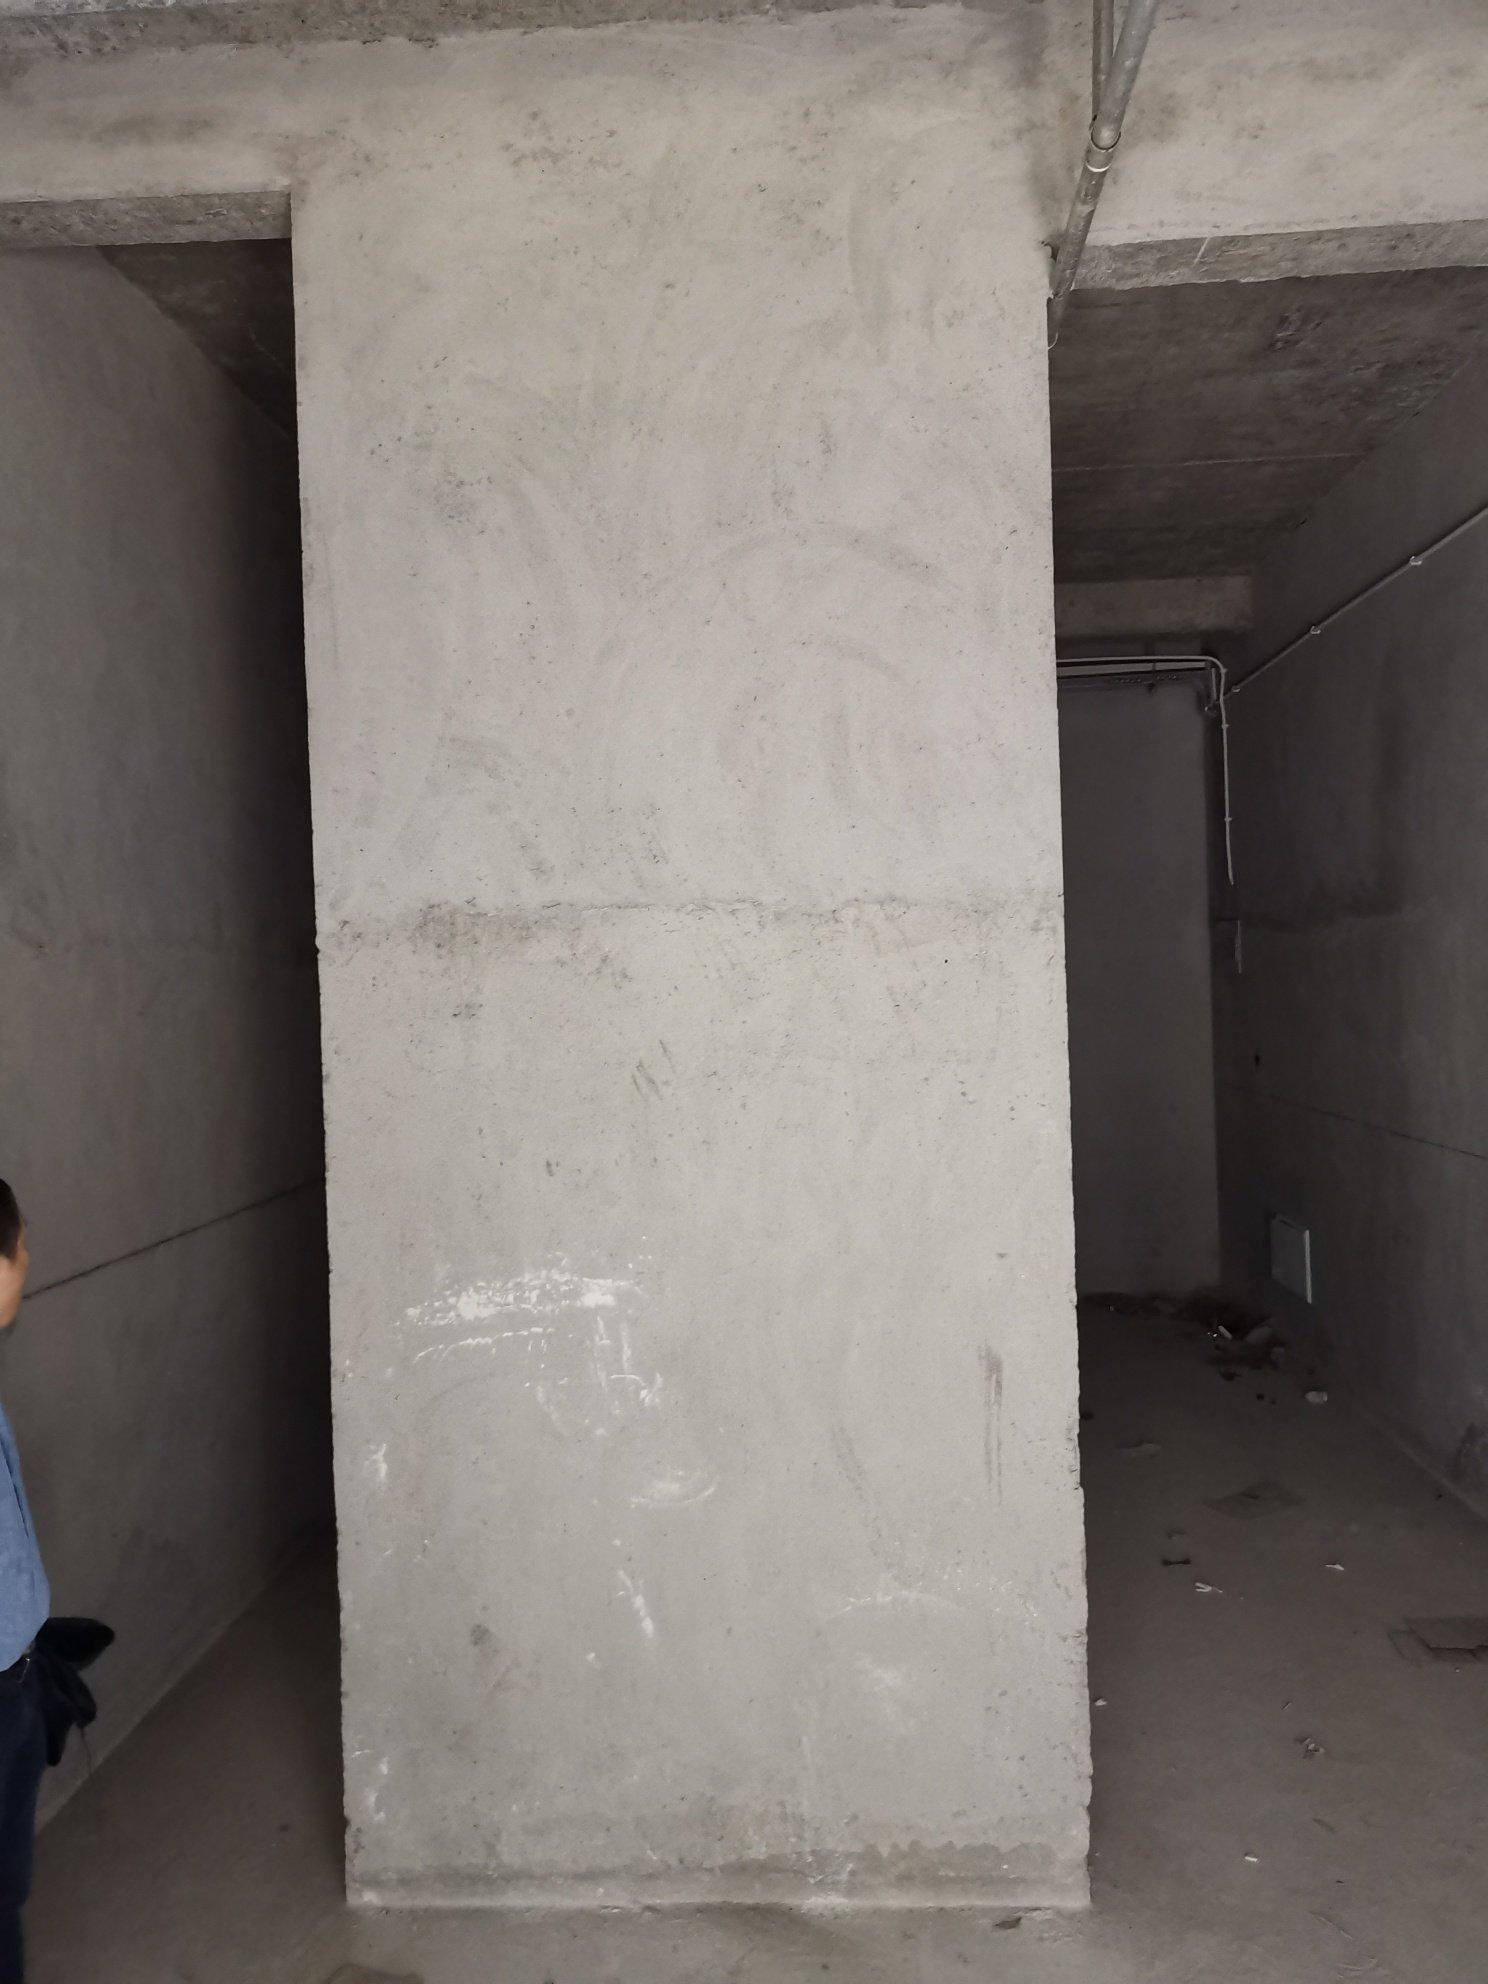 购置的商铺中有一堵承重墙,该如何装修?